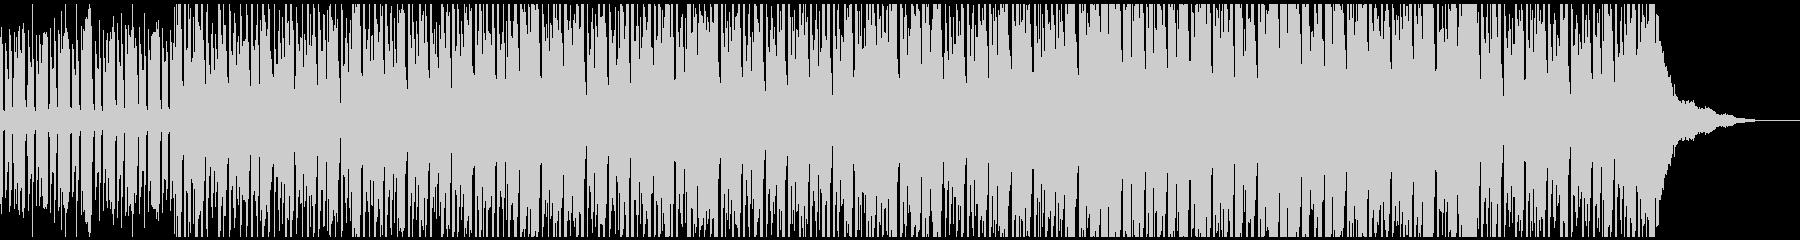 ミニマルでダークなハウスミュージックの未再生の波形